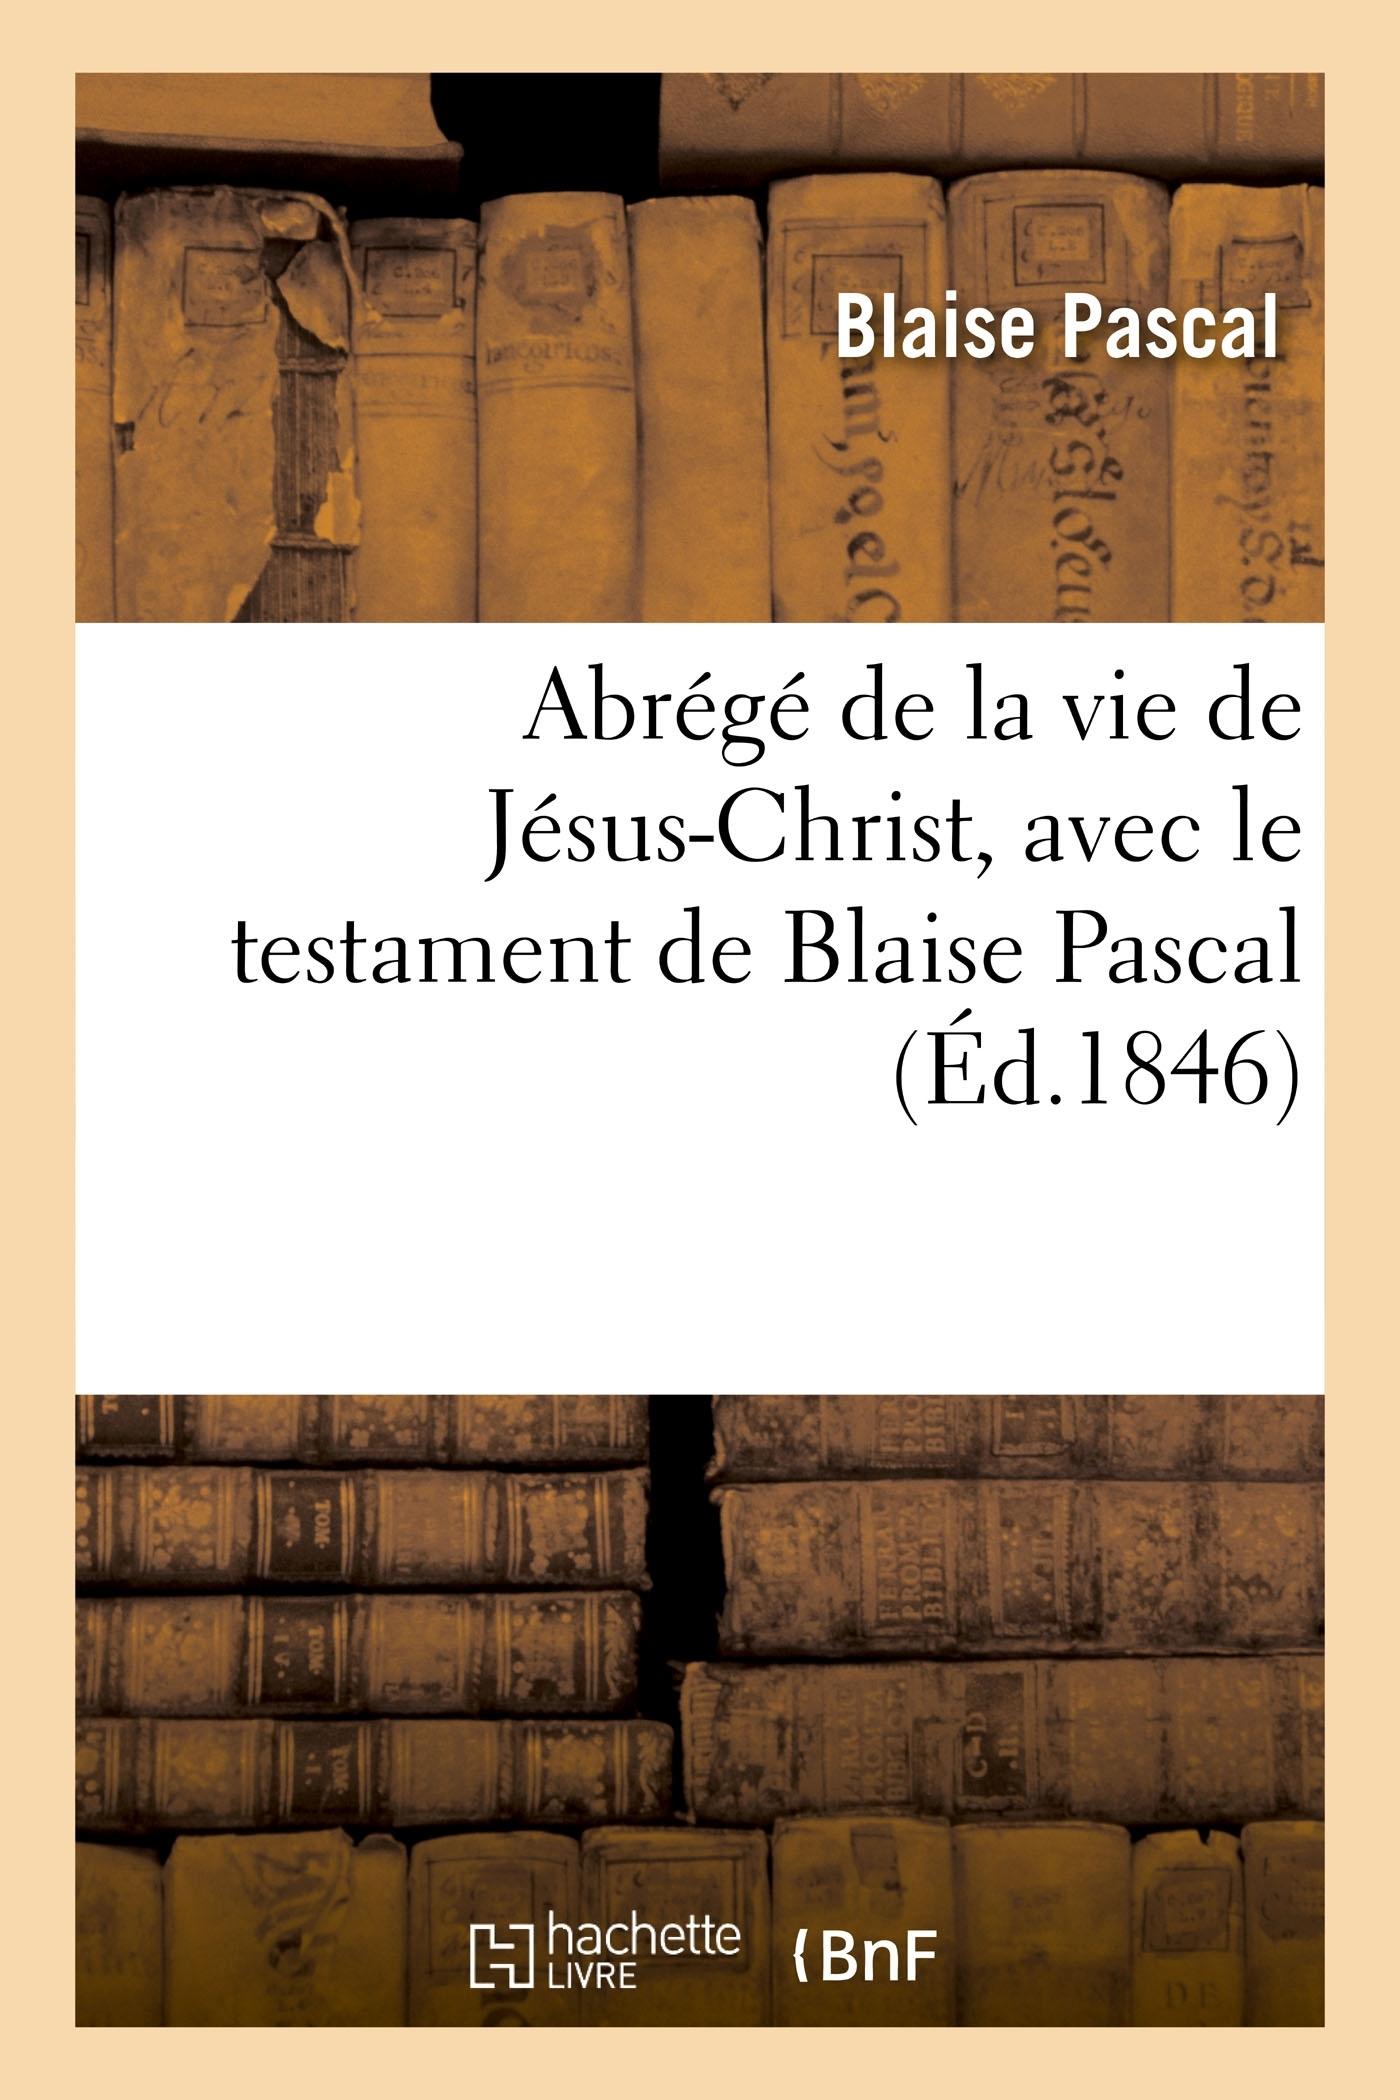 ABREGE DE LA VIE DE JESUS-CHRIST, AVEC LE TESTAMENT DE BLAISE PASCAL